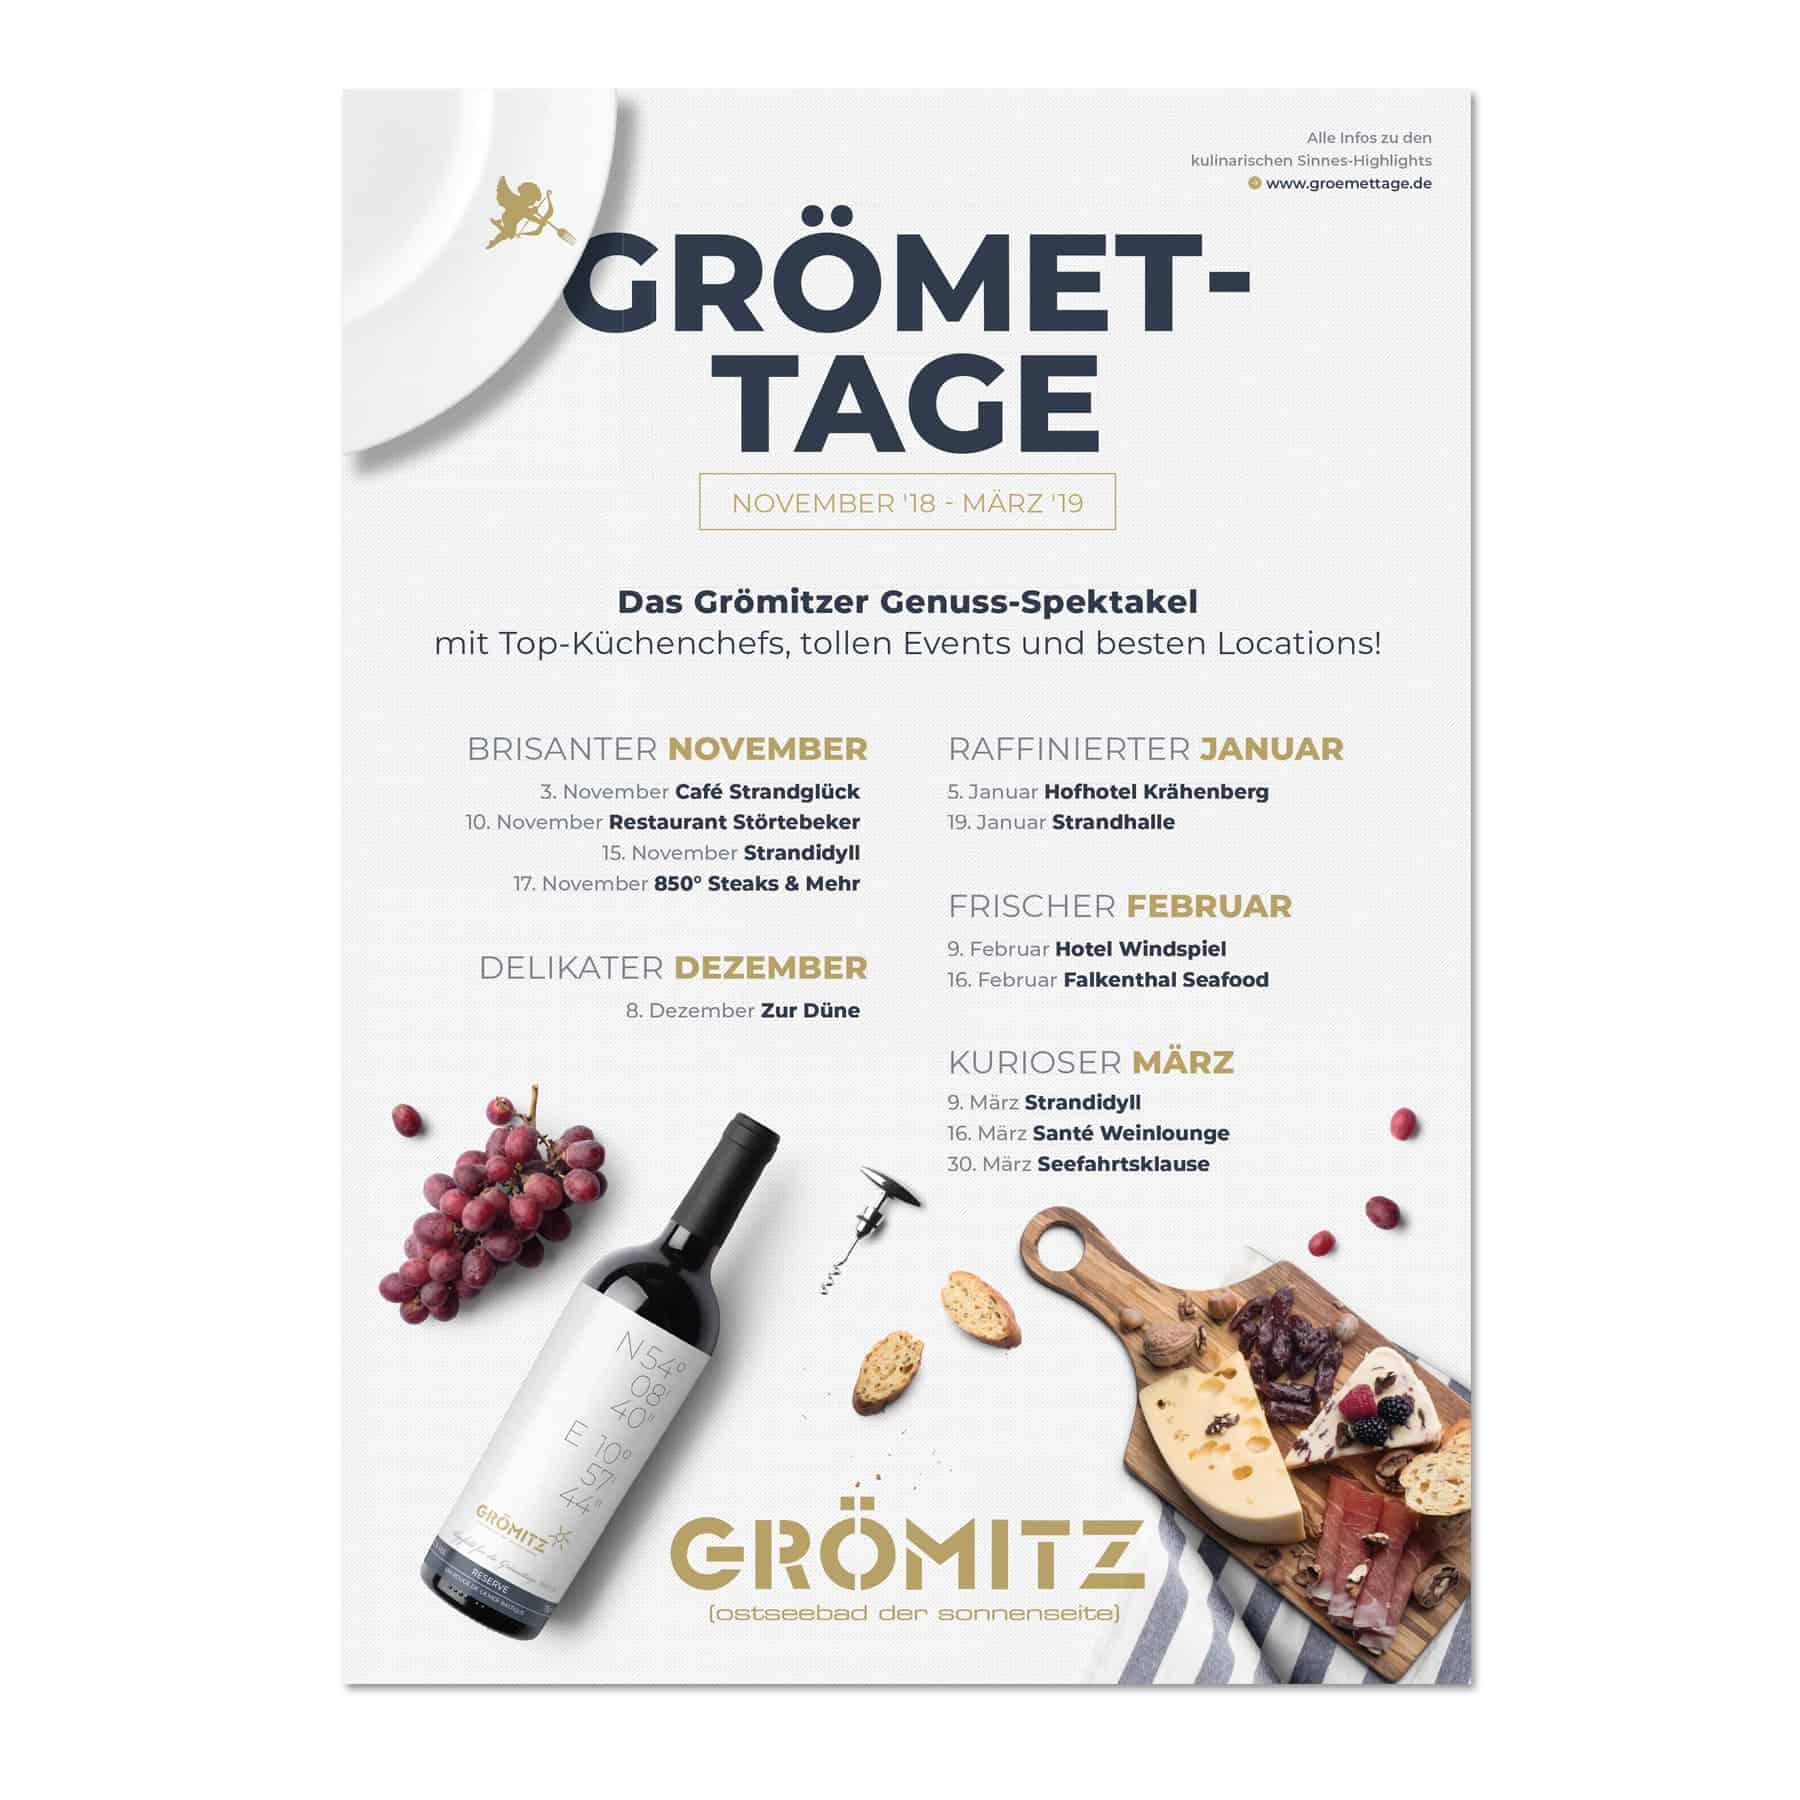 La Deutsche Vita - Drucksachen Plakat Grömettage Grömitz